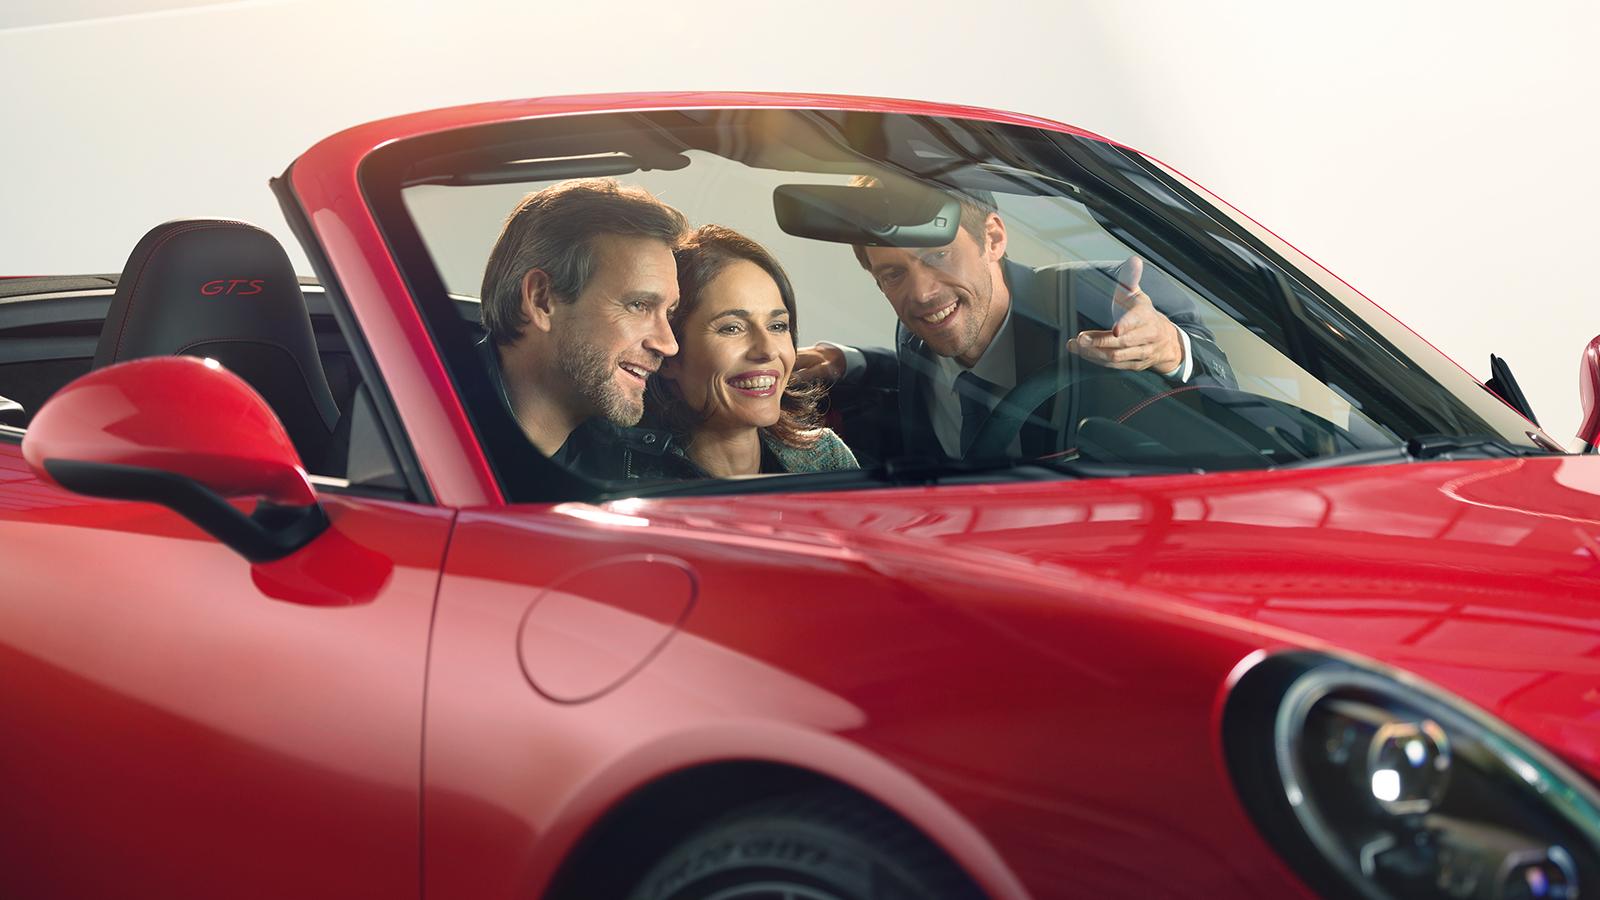 Porsche - Werksabholung. Ein unvergessliches Erlebnis.